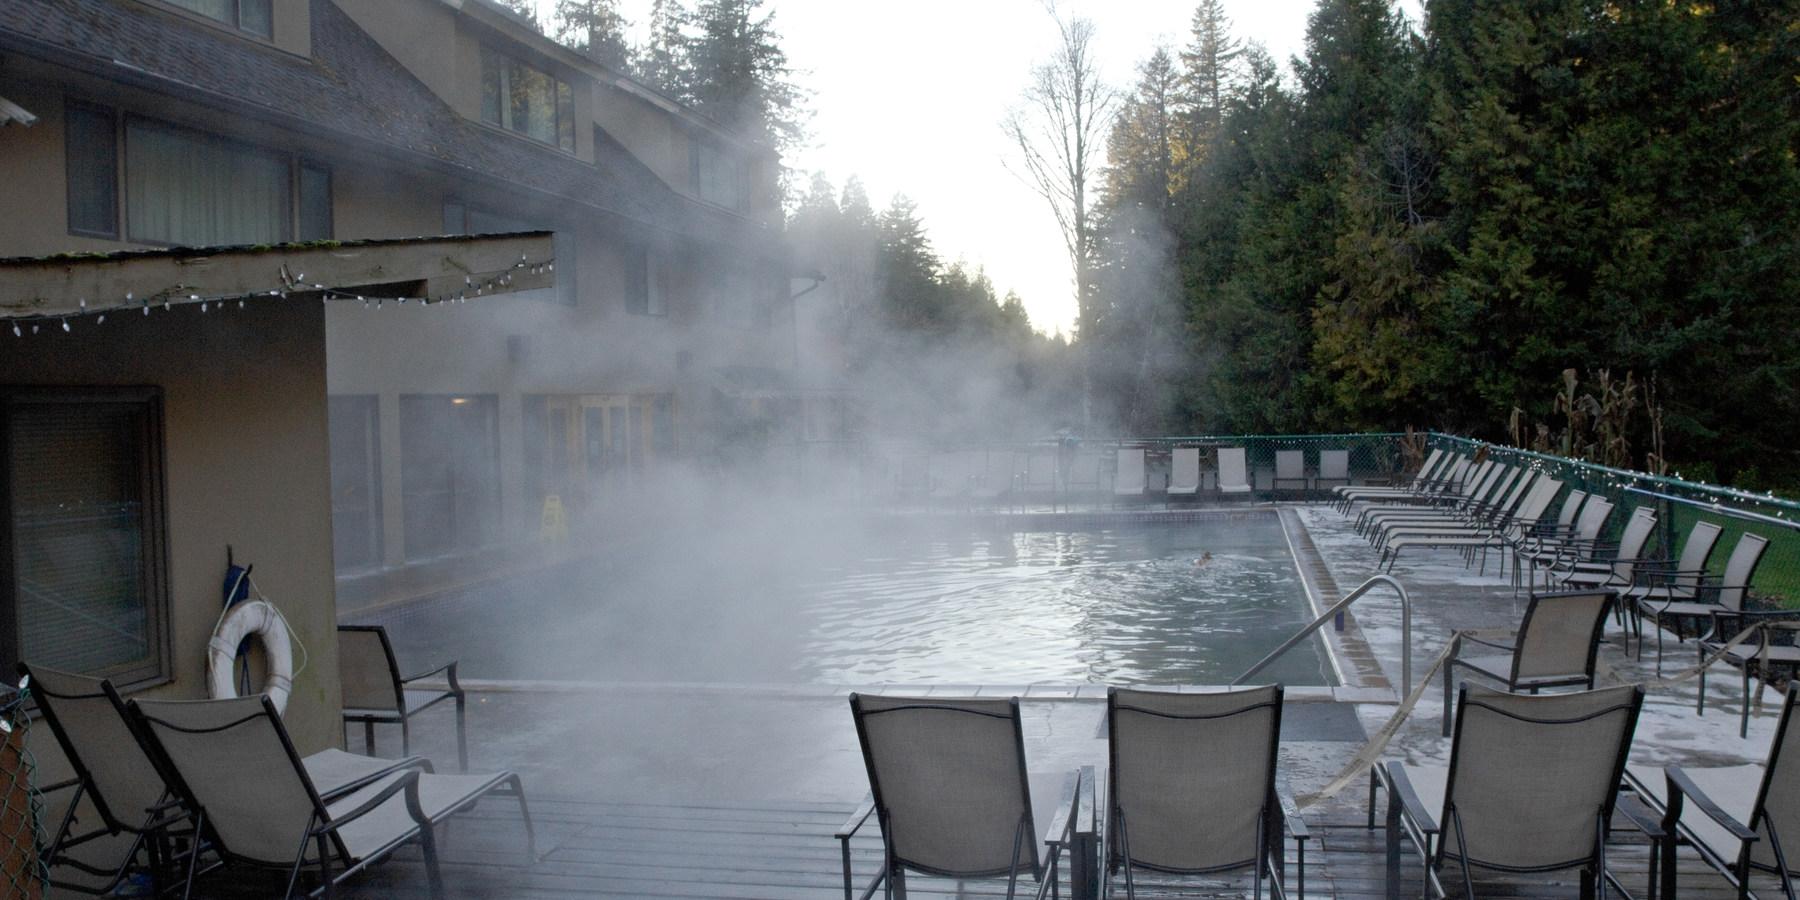 Belknap Hot Springs Outdoor Project